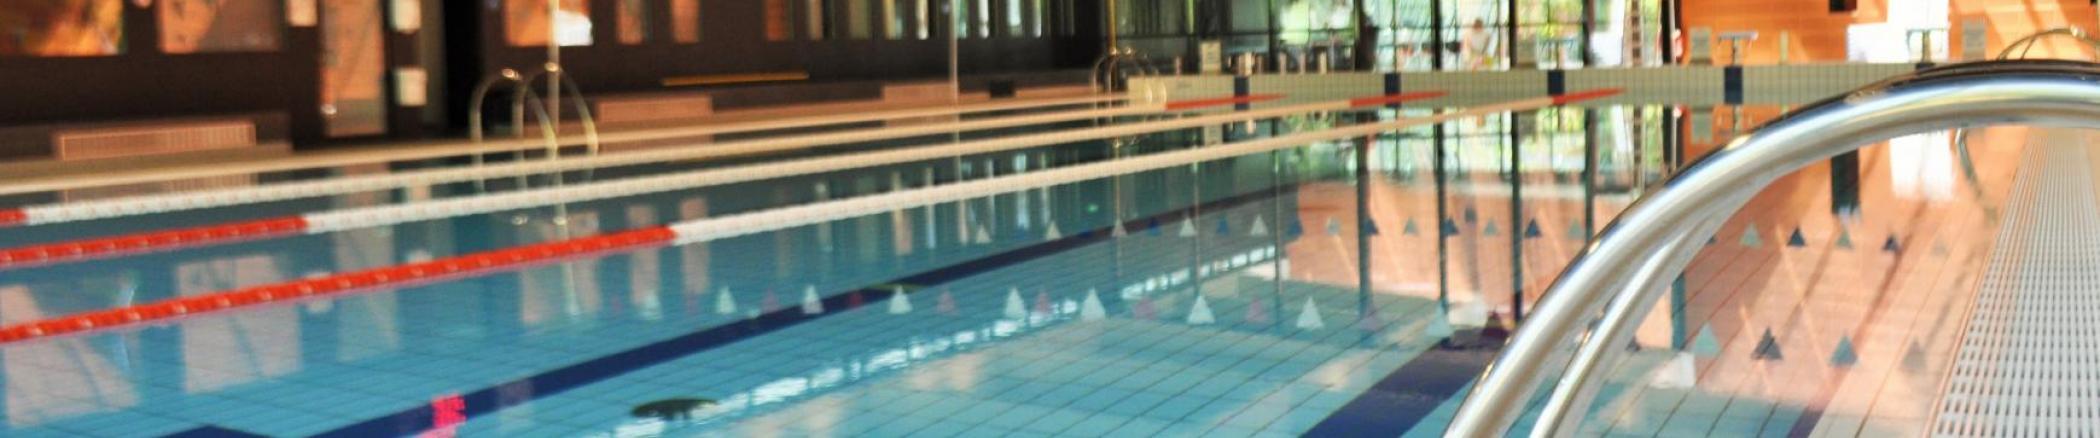 Centre aquatique de l'Odyssée, lieu de loisir